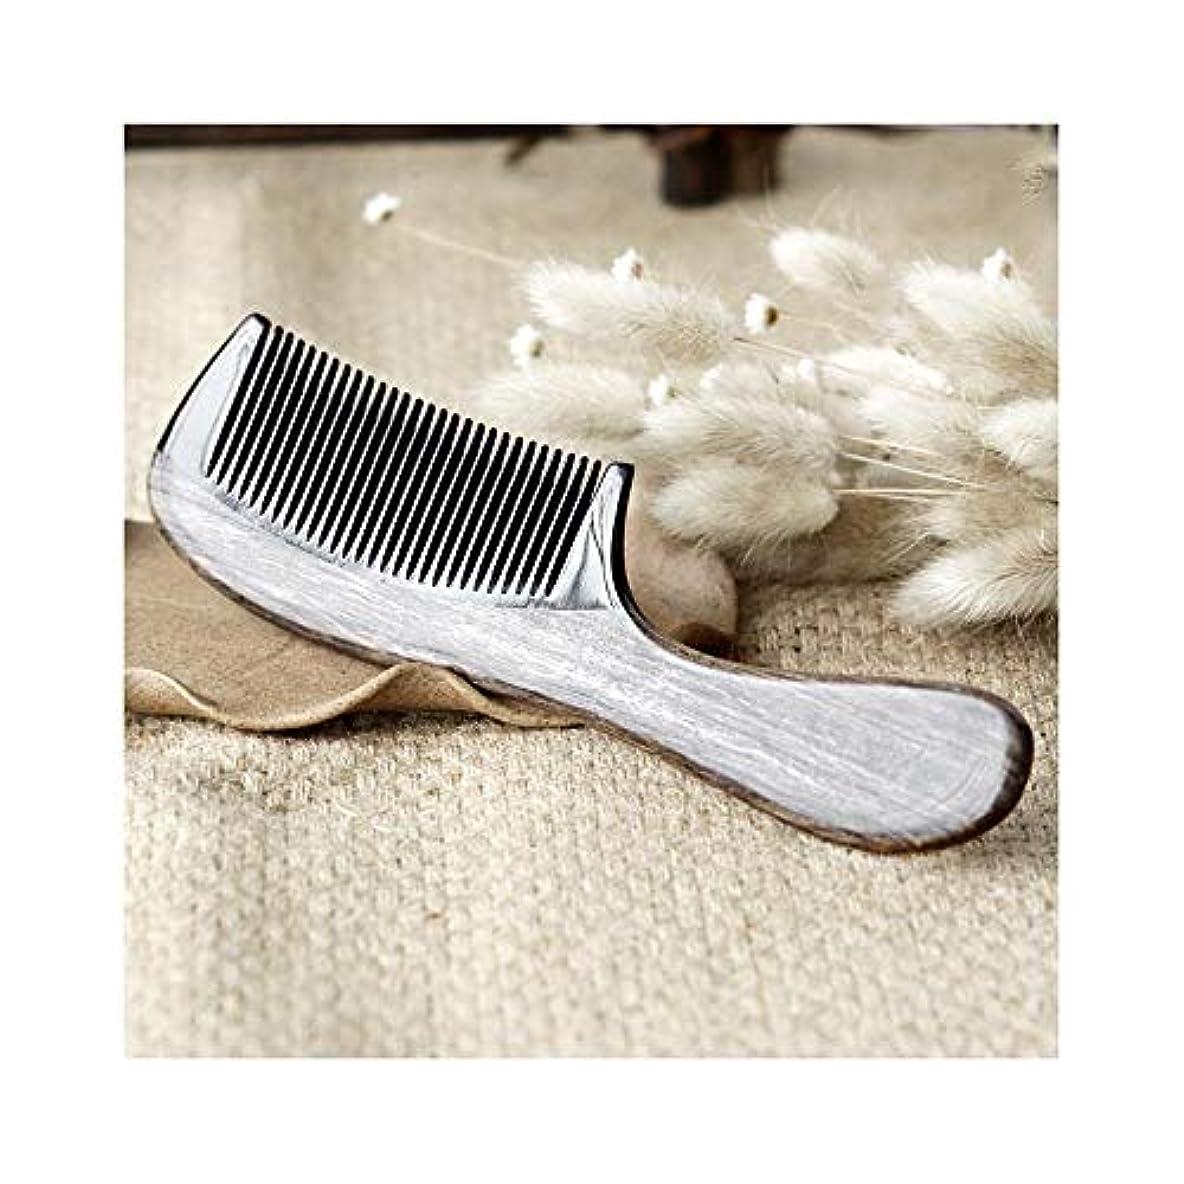 コンパイルウッズ推進力VDGHA 木毛 ヘアブラシナチュラルバッファローホーンコームファイントゥースマッサージコーム静的なし、もつれなし サンダルウッドの自然な髪の櫛